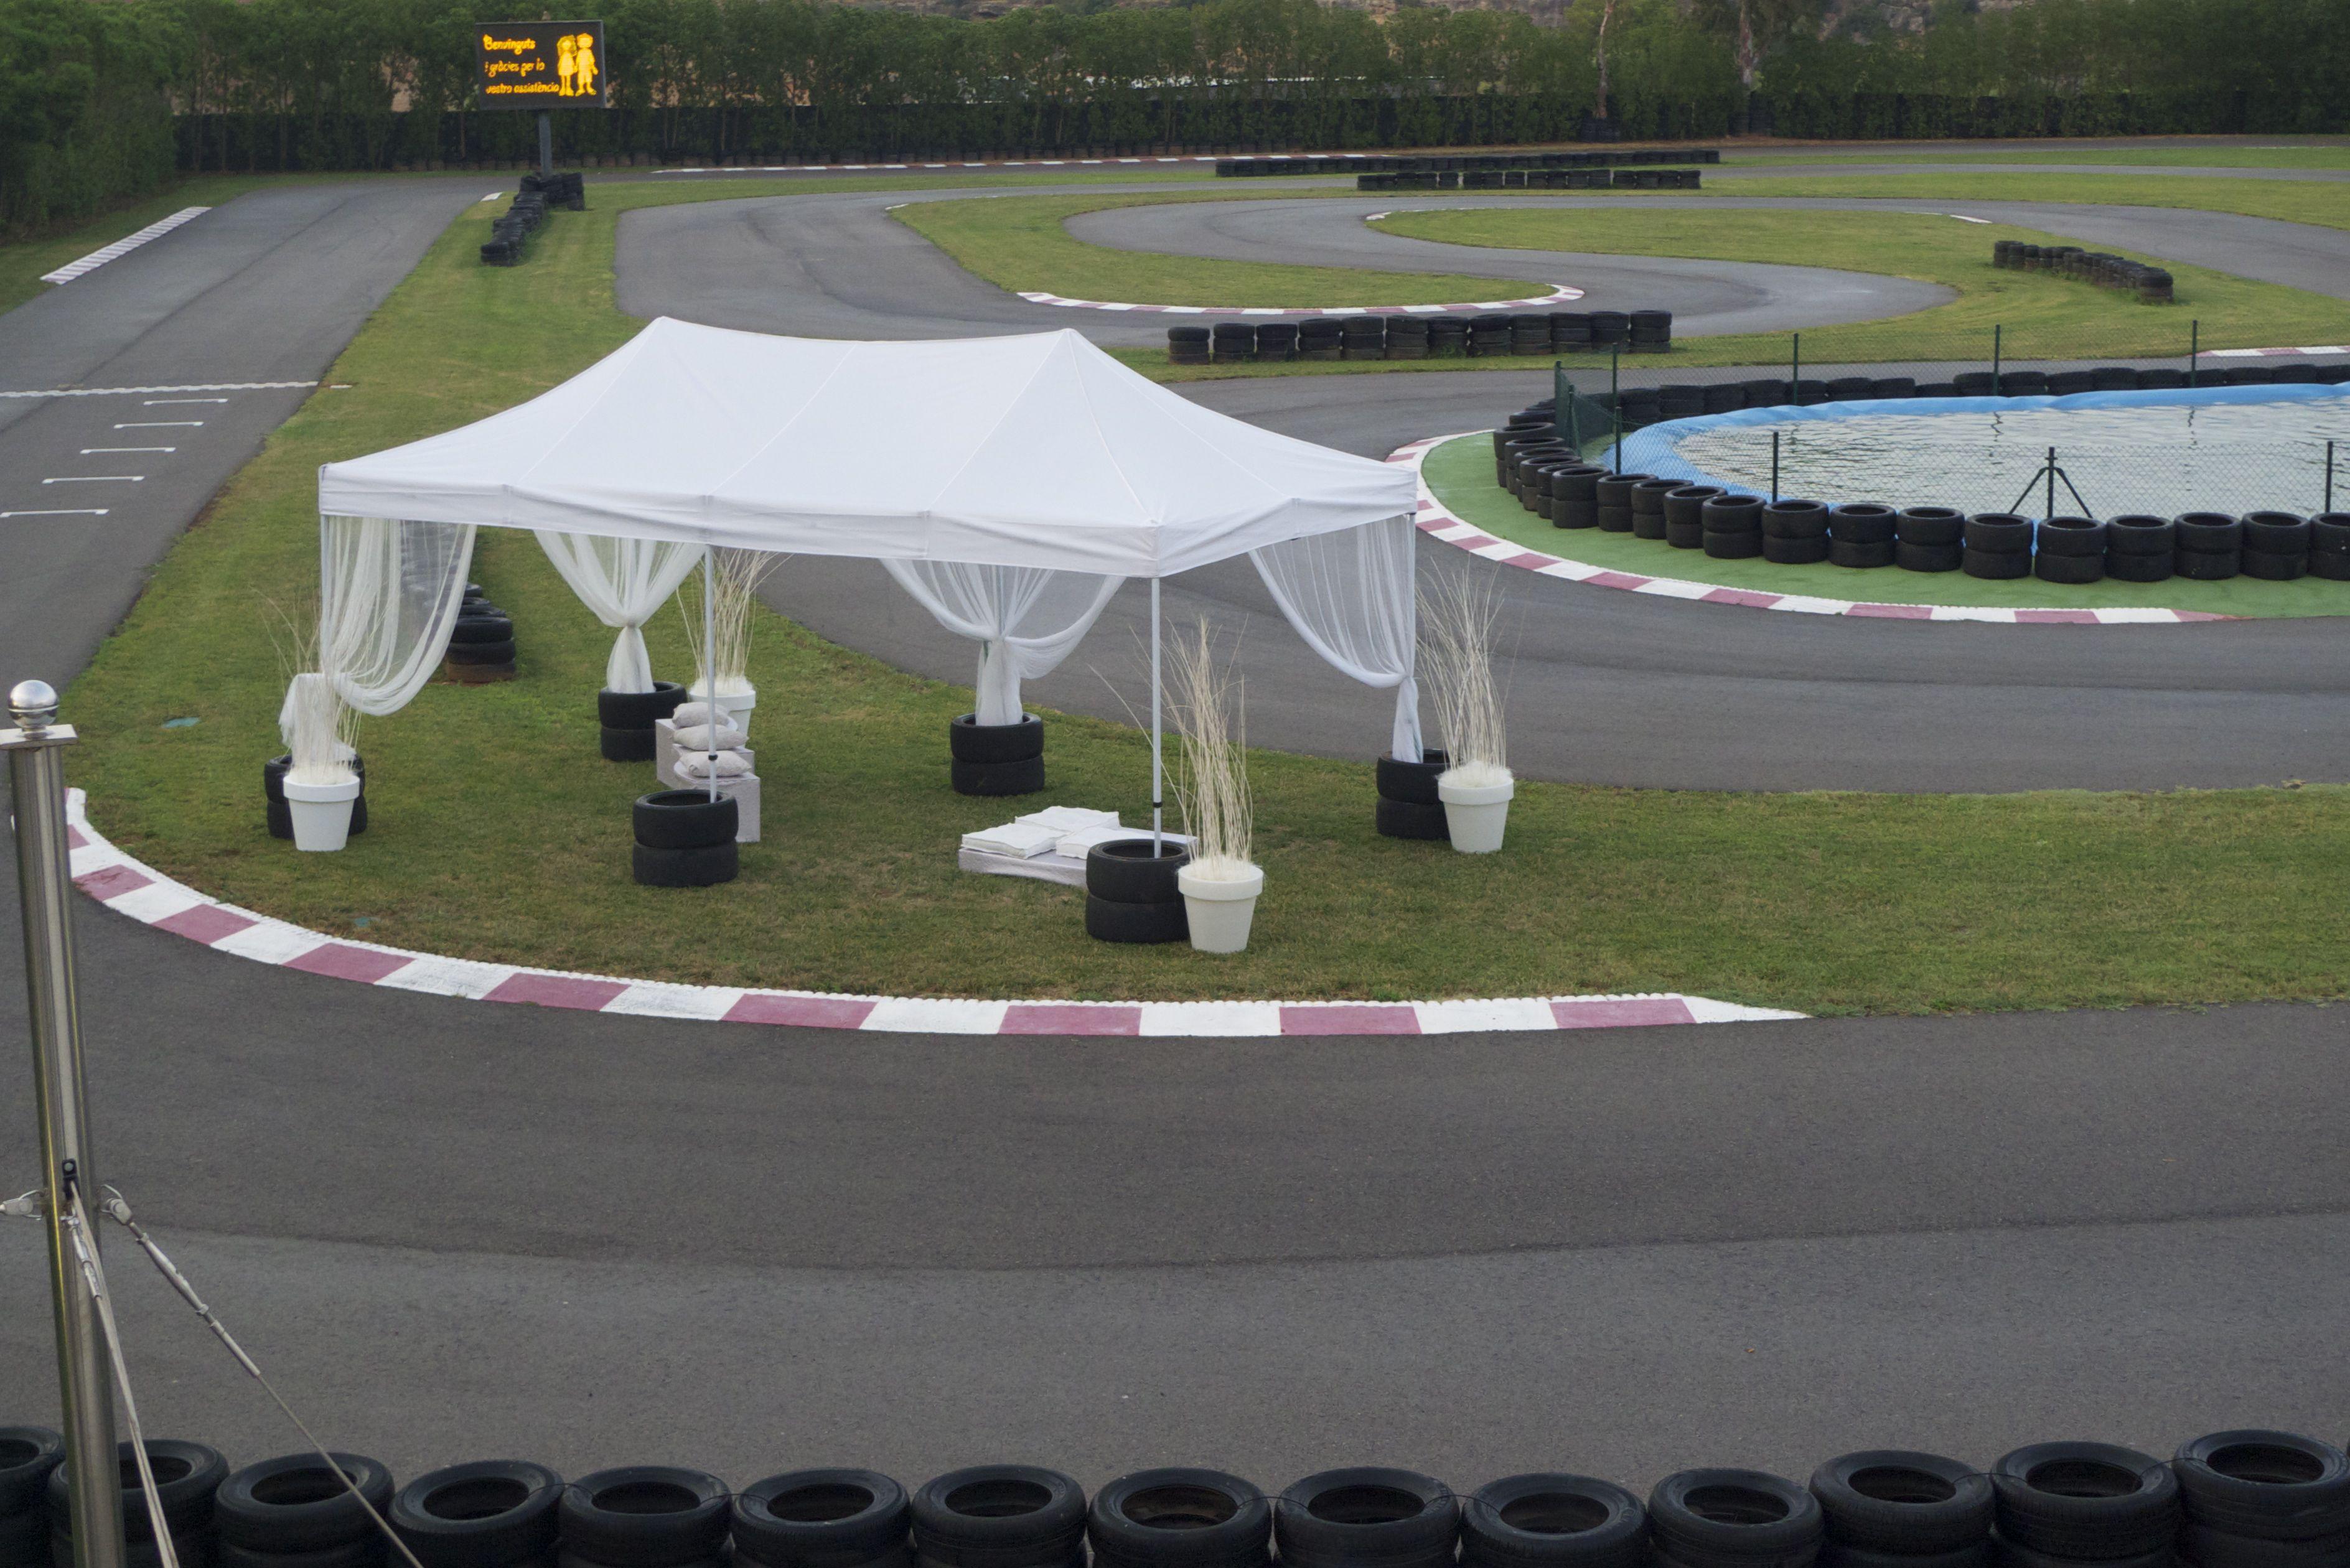 fiesta en pista racing